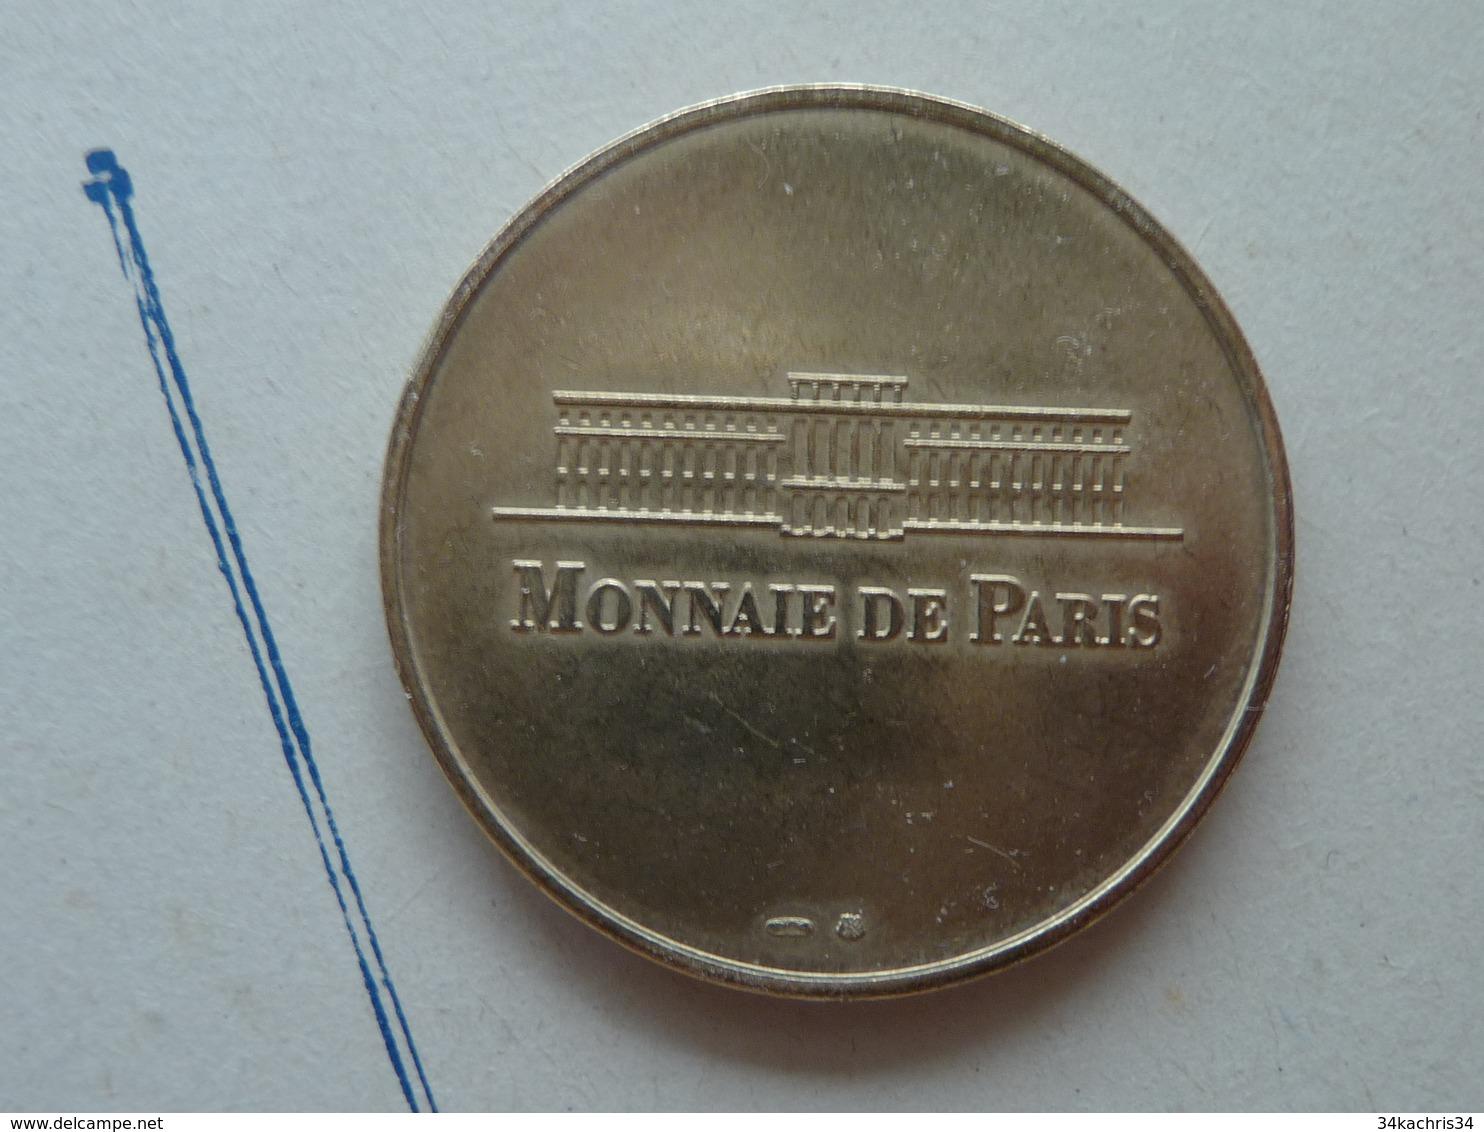 Monnaie De Paris 93.Saint Denis 1 - Inauguration Du Stade De France 1998 Football - Monnaie De Paris